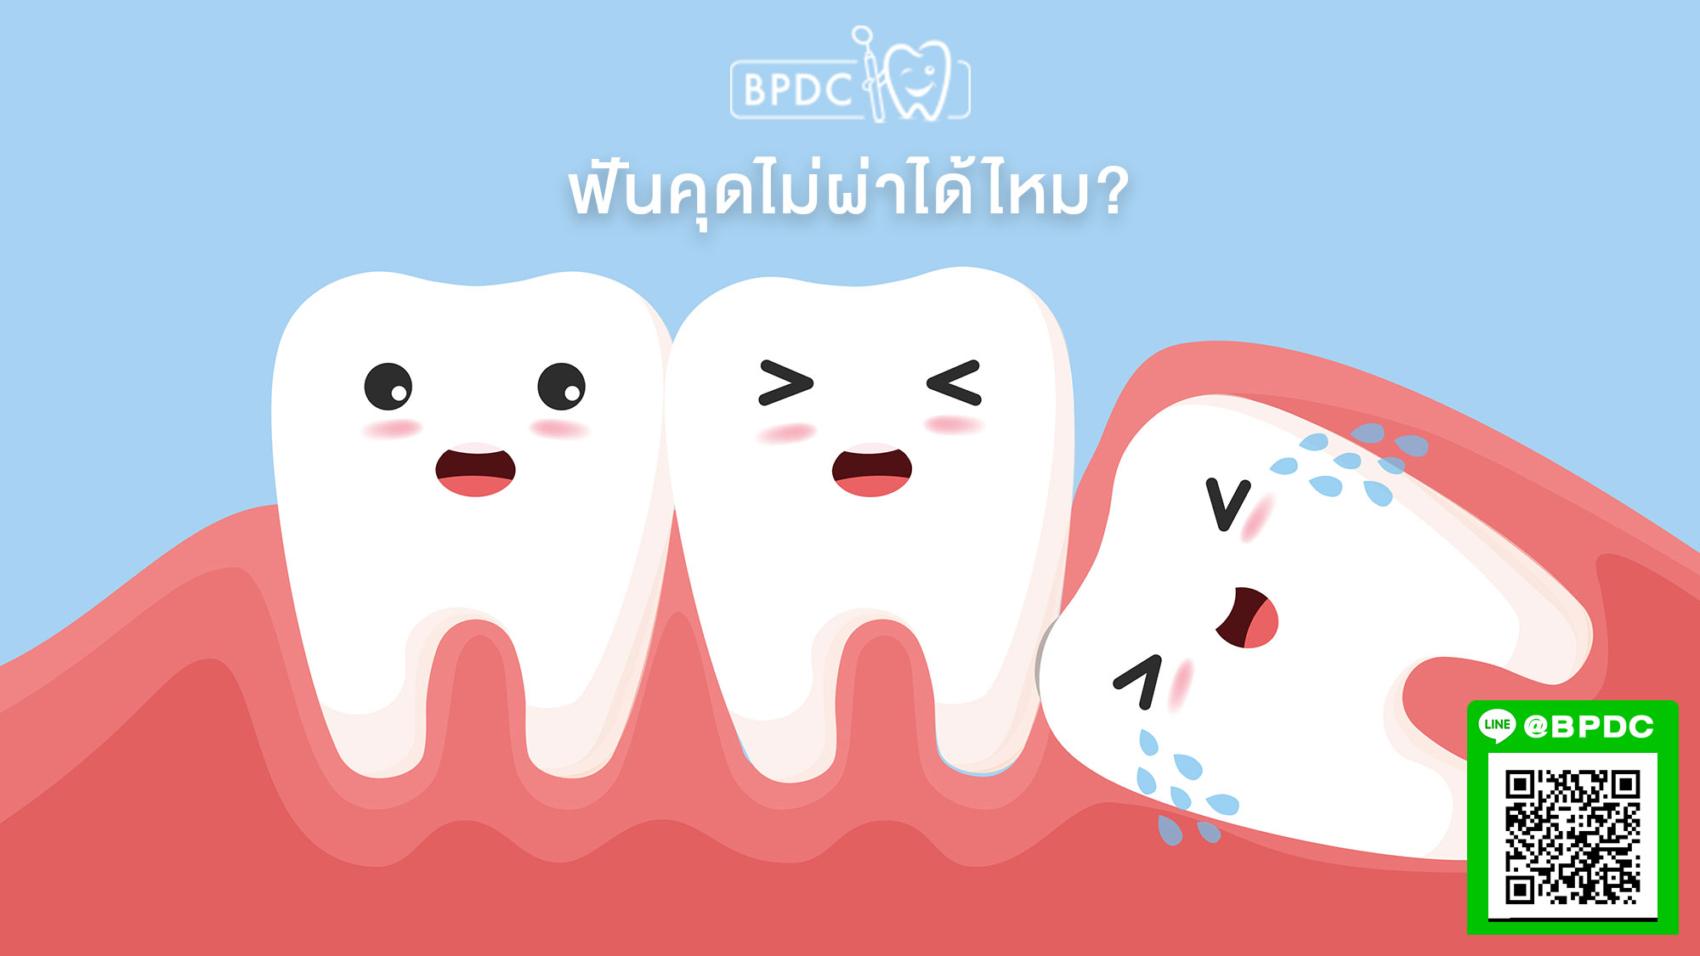 ฟันคุดไม่ผ่าได้ไหม